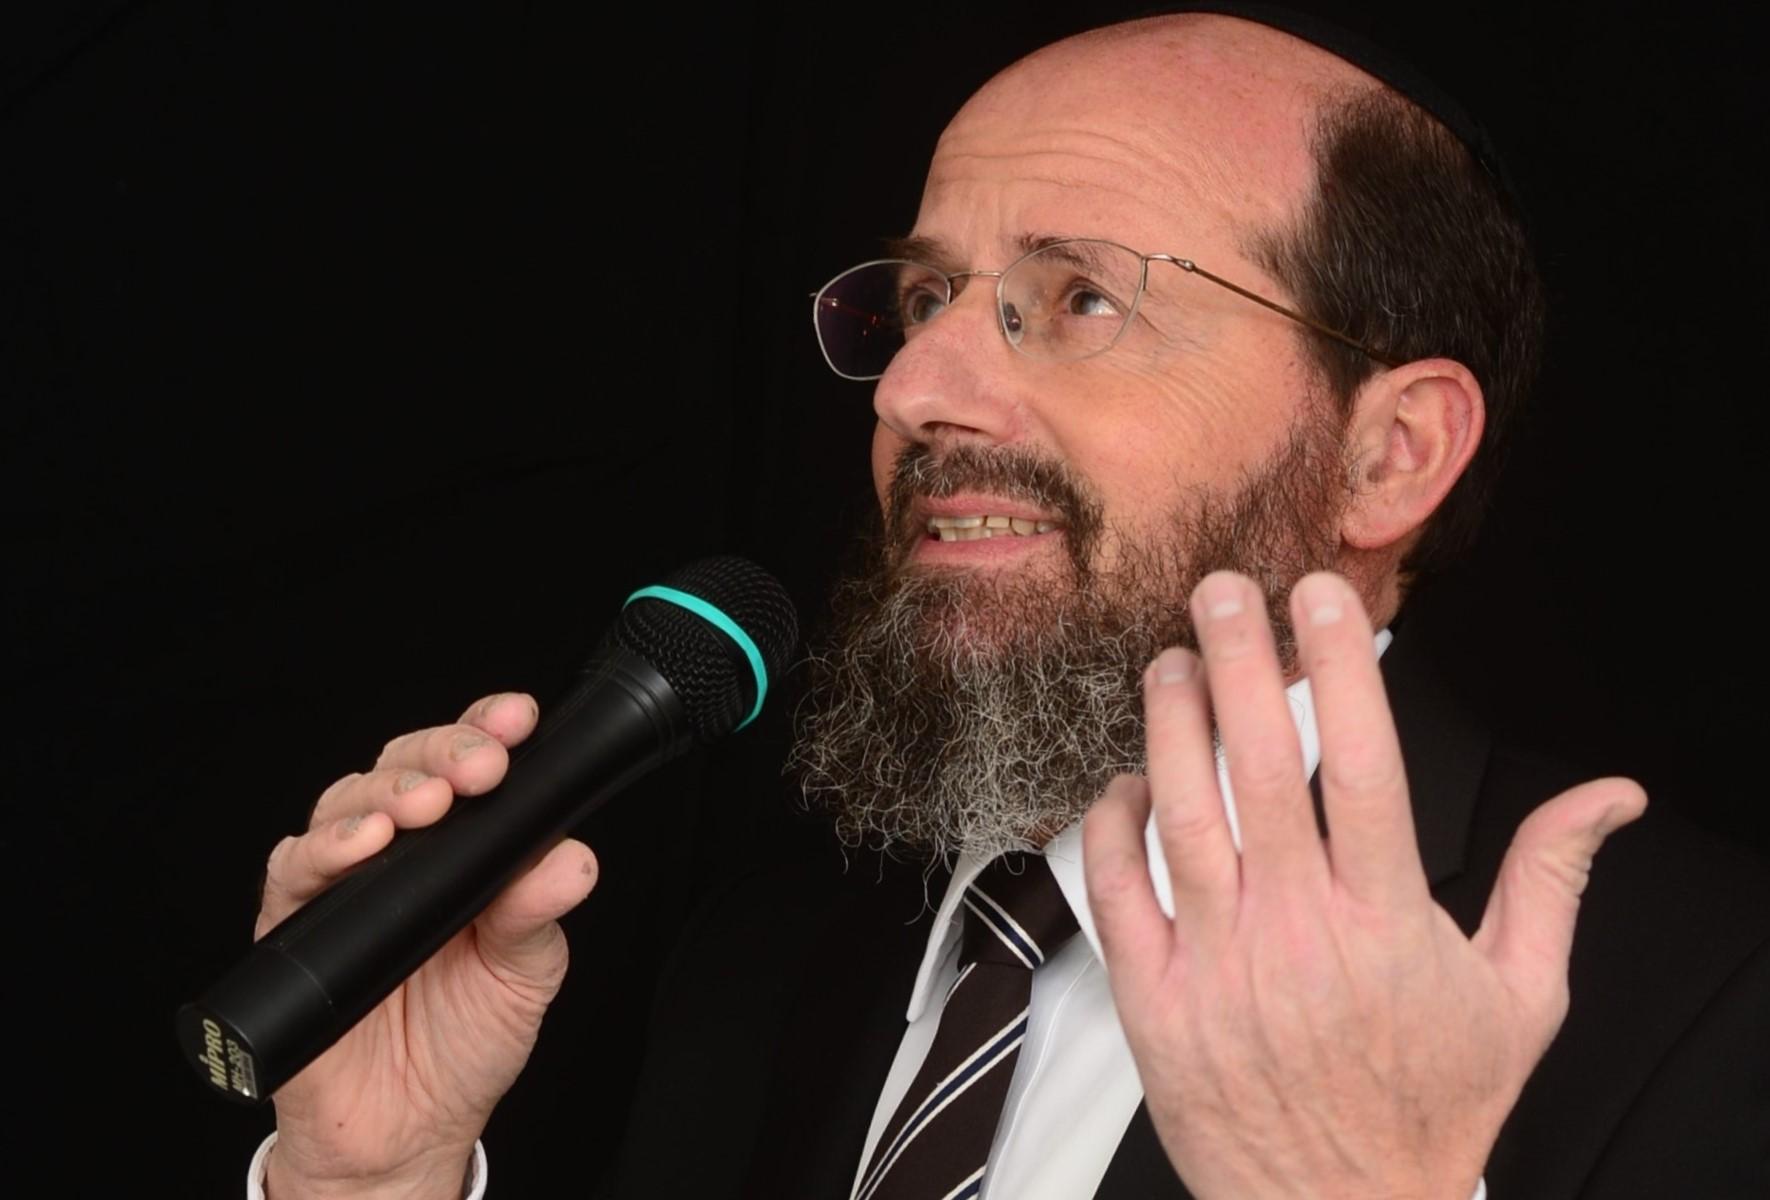 עקיבא מרגליות וחיים ישראל בדואט: